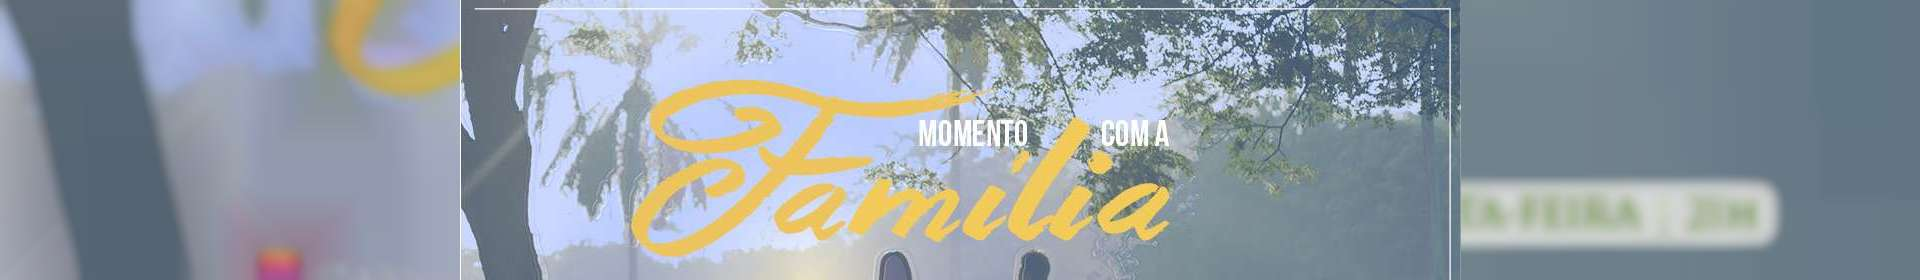 Momento com a Família - 26/07/2019